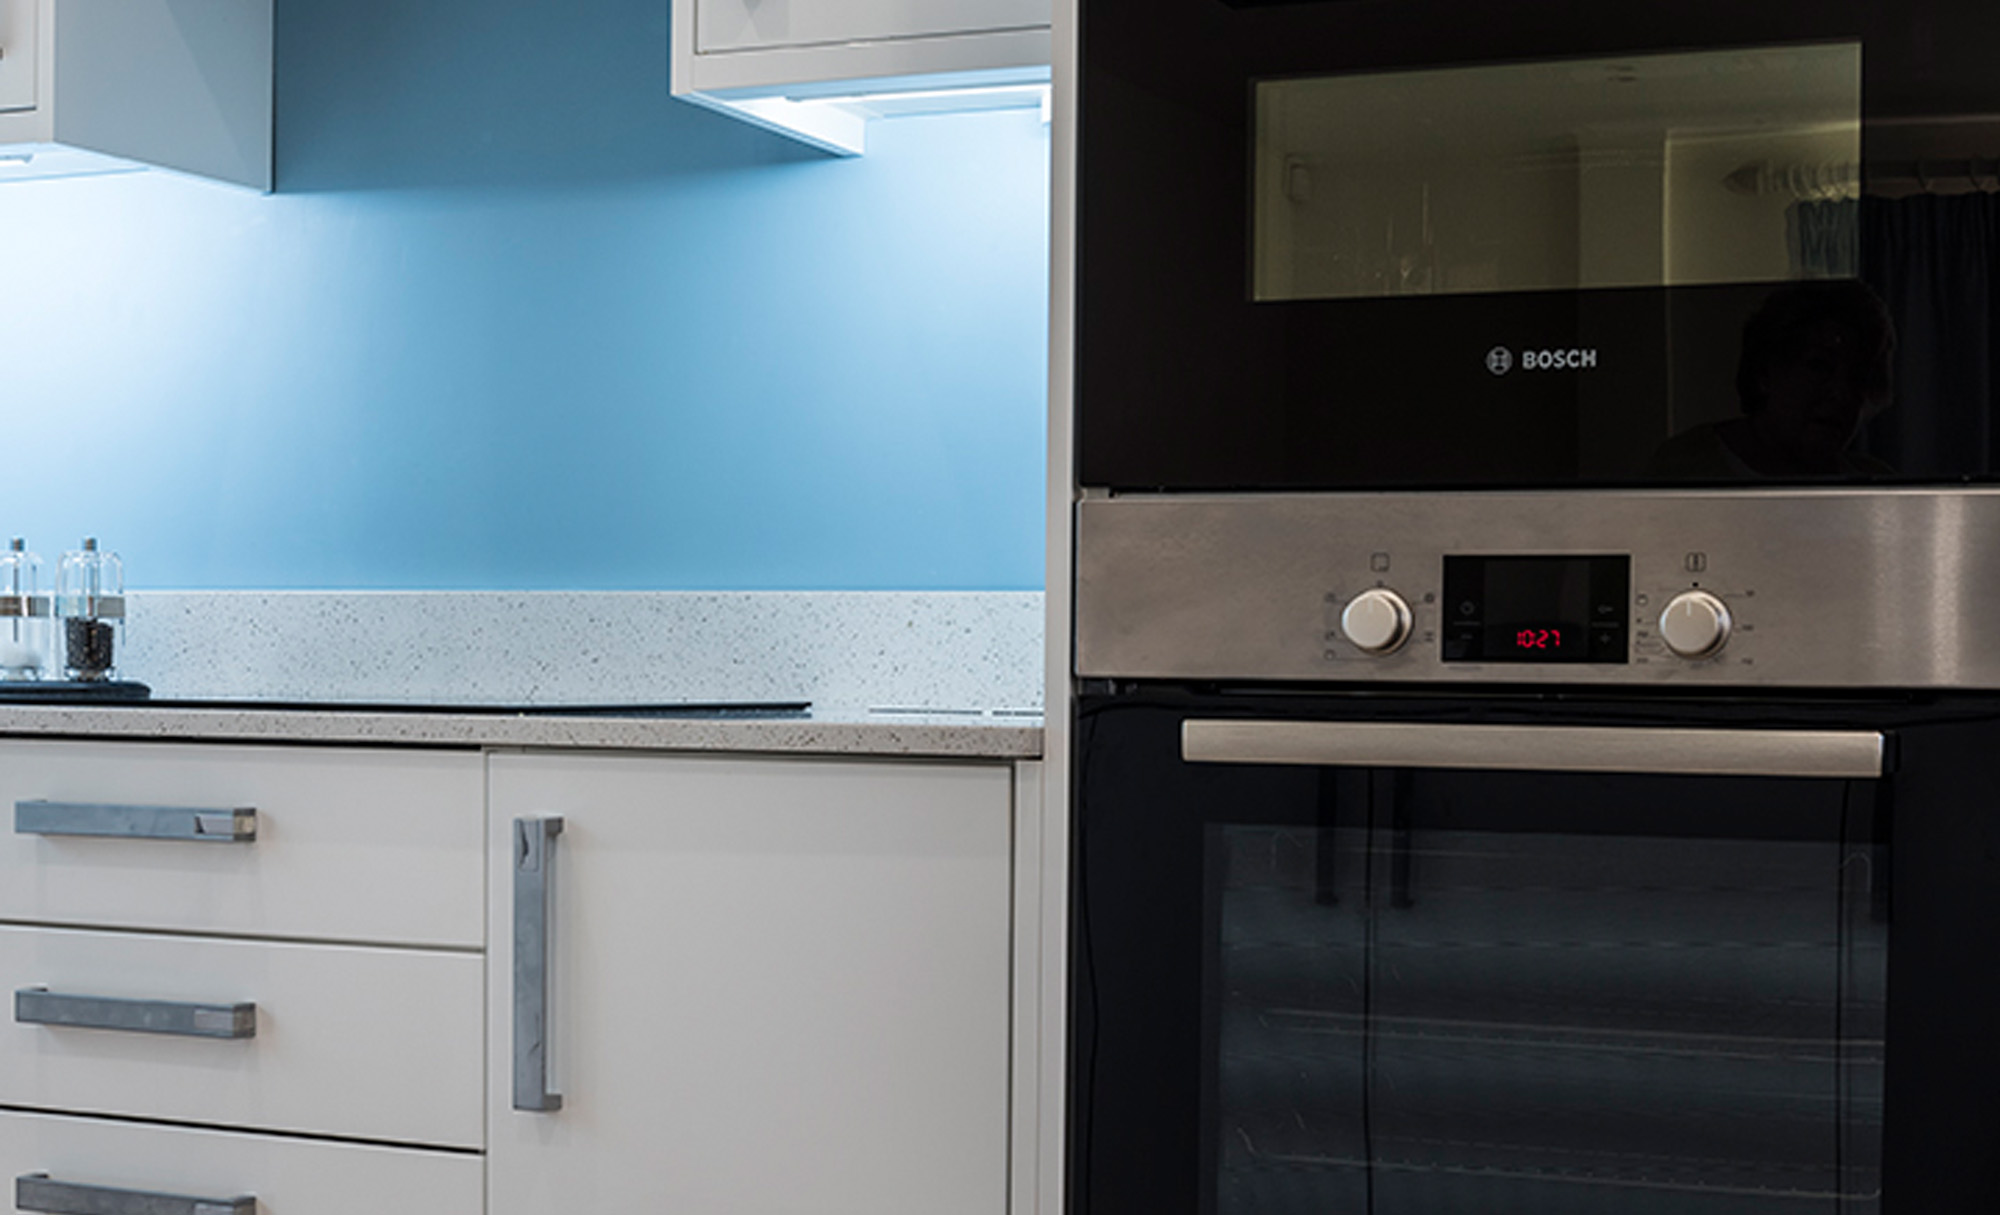 zola-white-gloss-kitchen-hob-kitchenstori